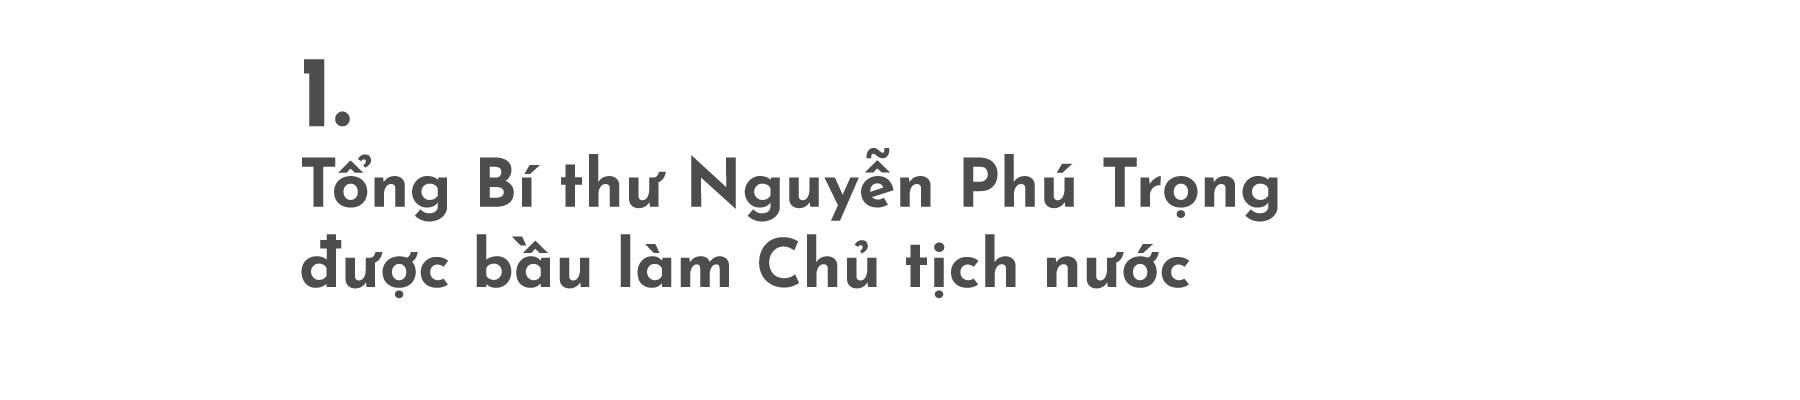 [eMagazine] - 10 sự kiện nổi bật của Việt Nam năm 2018 - Ảnh 1.